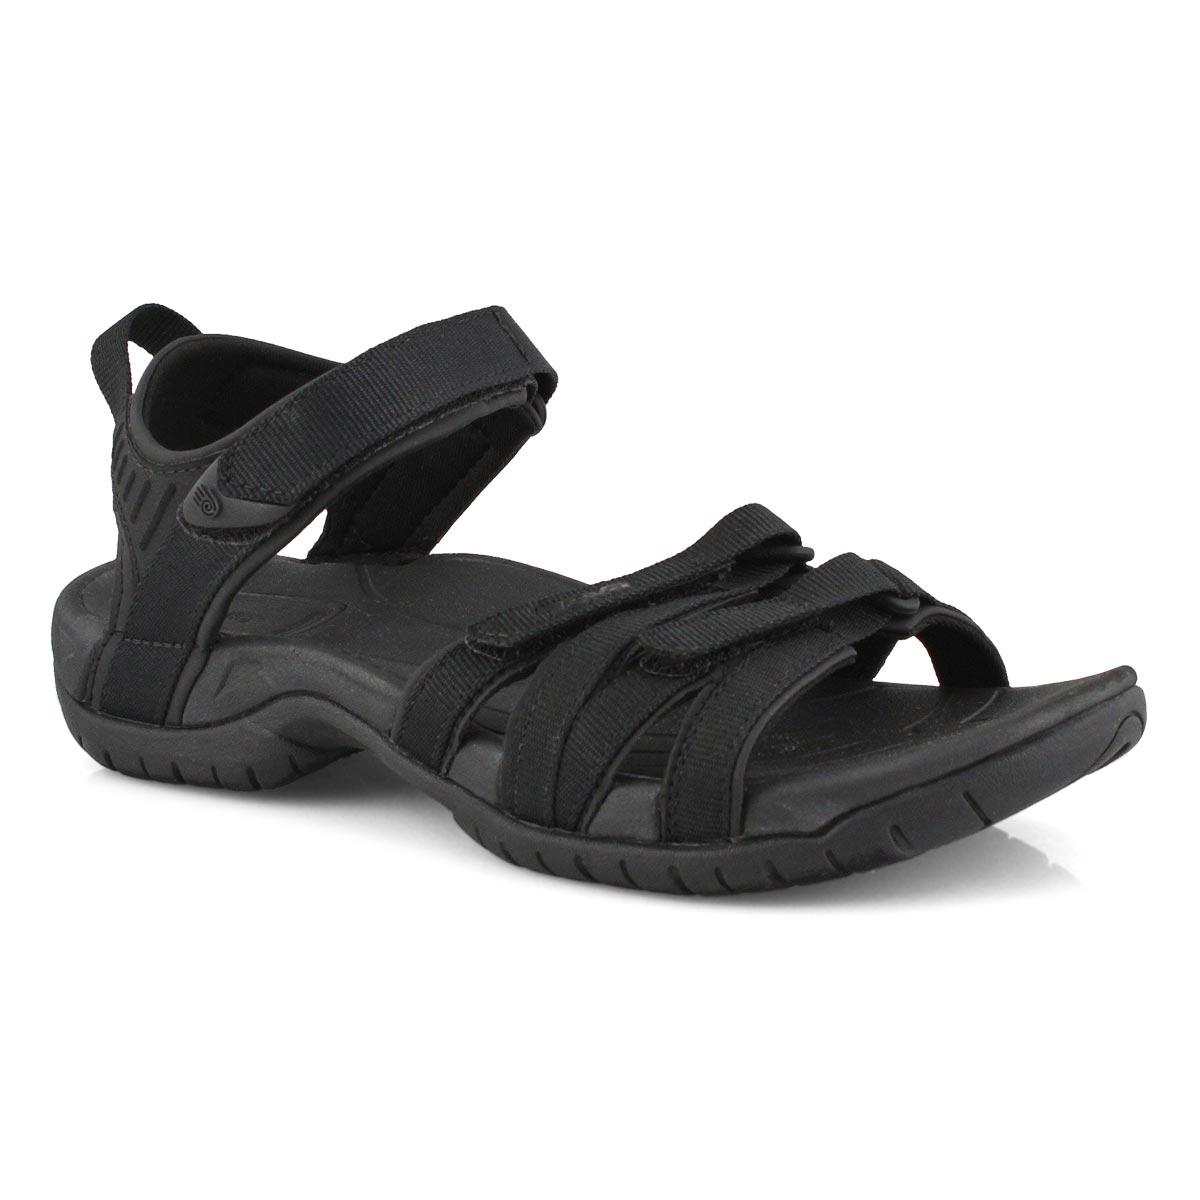 Women's Tirra Sport Sandal - Black/Black